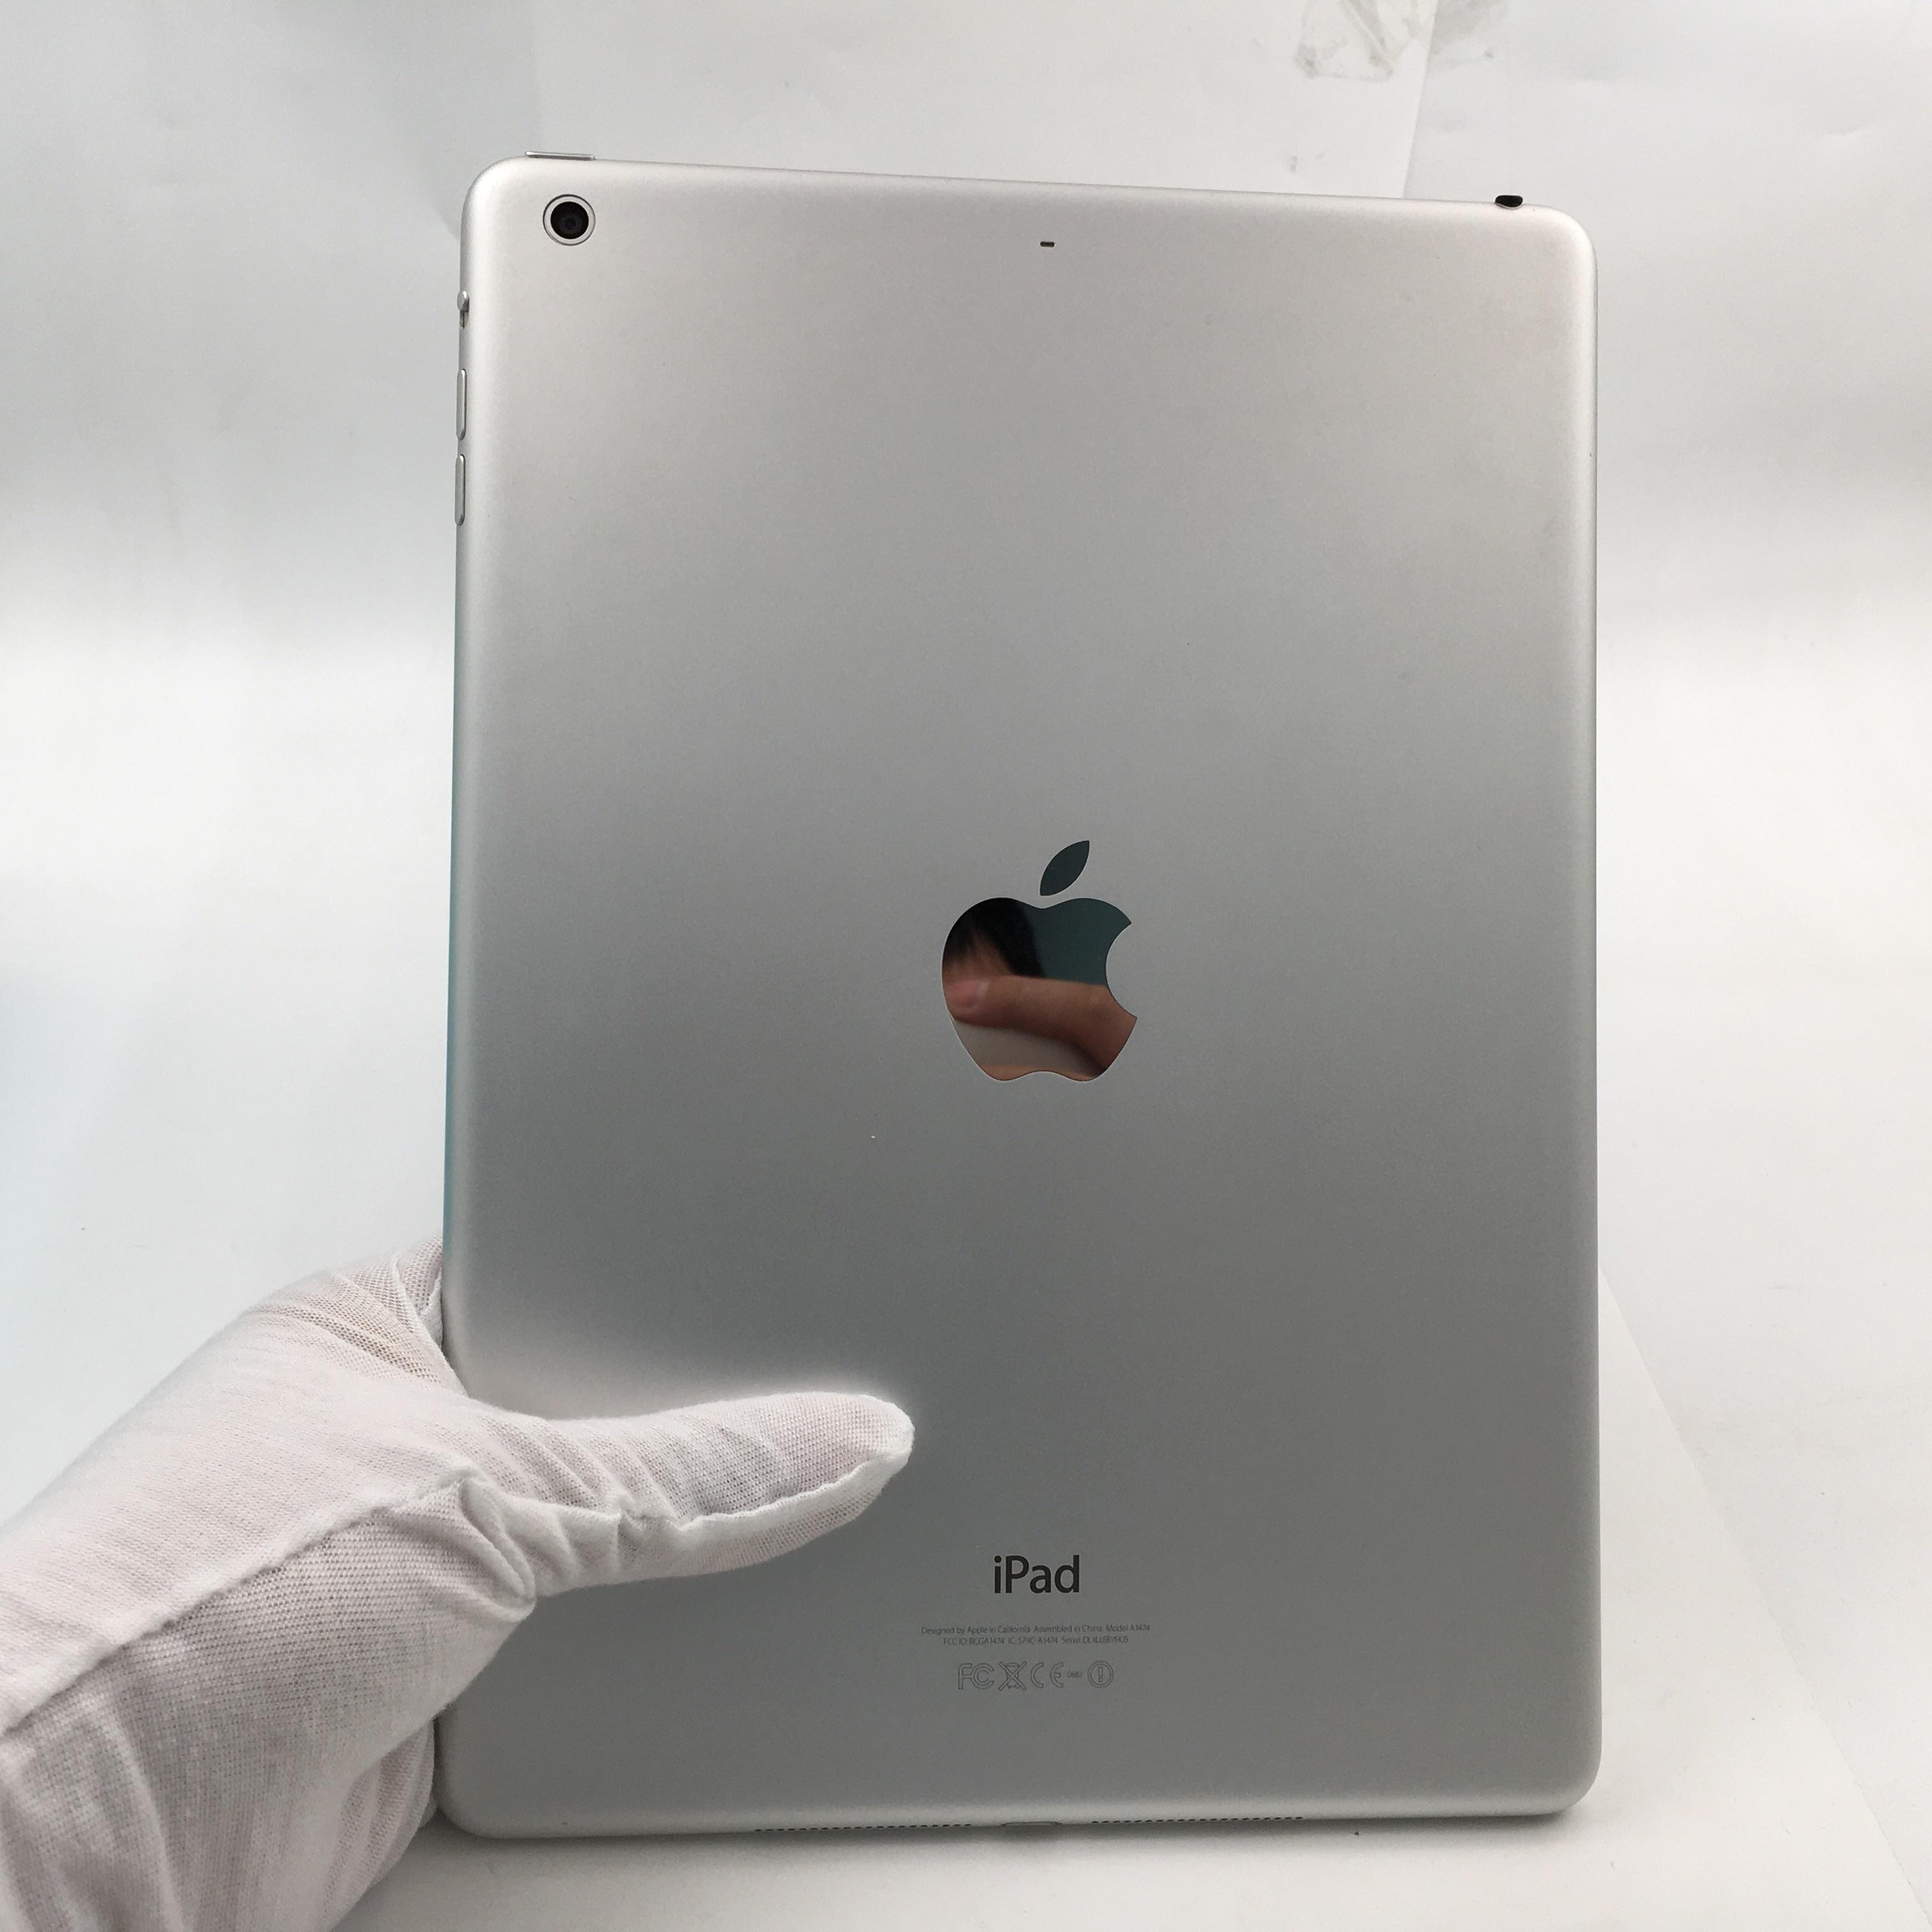 苹果【iPad Air 1】WIFI版 银色 32G 港澳台 9成新